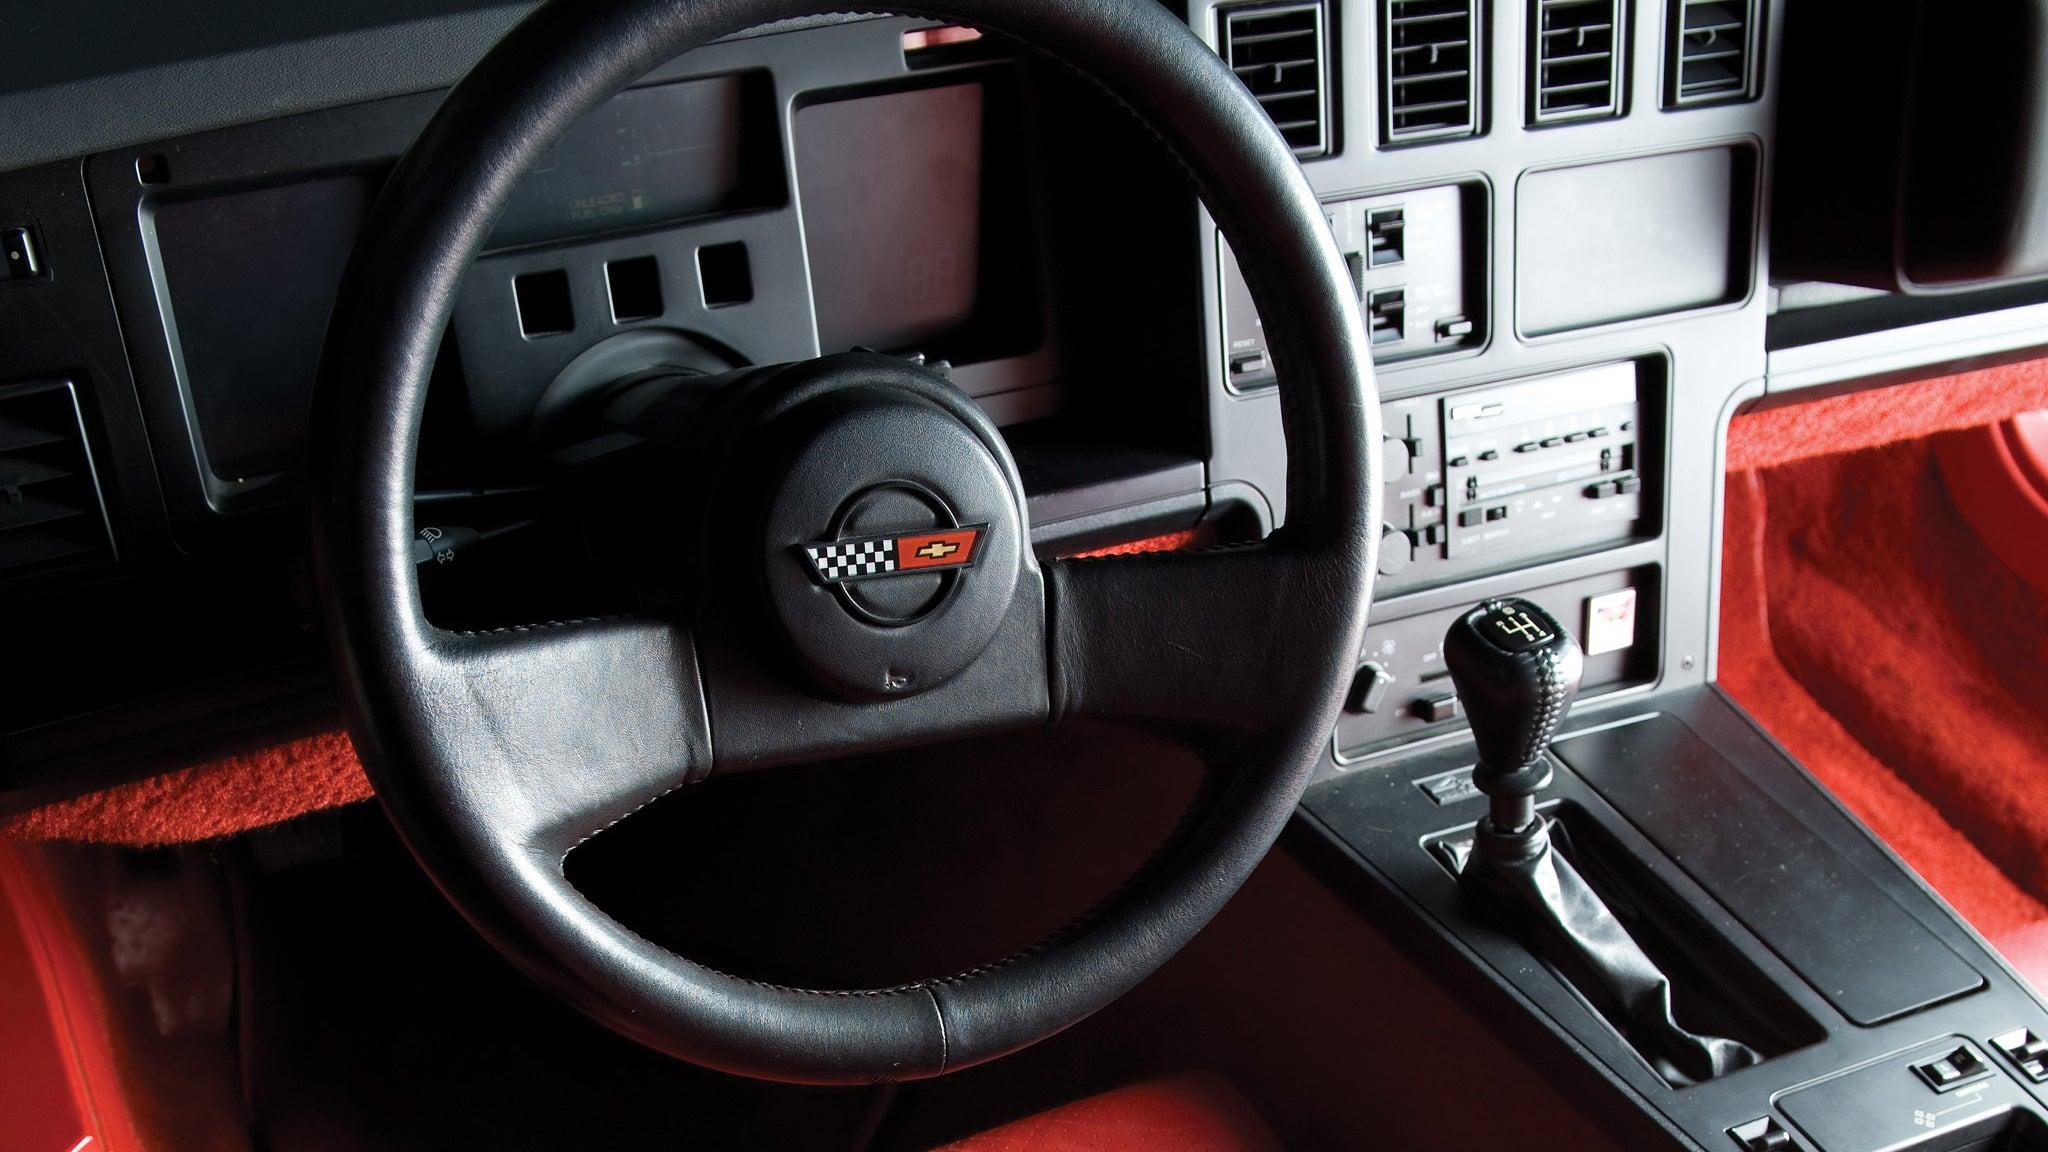 the chevrolet corvette c4 s doug nash 4 3 manual transmission is rh jalopnik com 95 Corvette 85 corvette owners manual